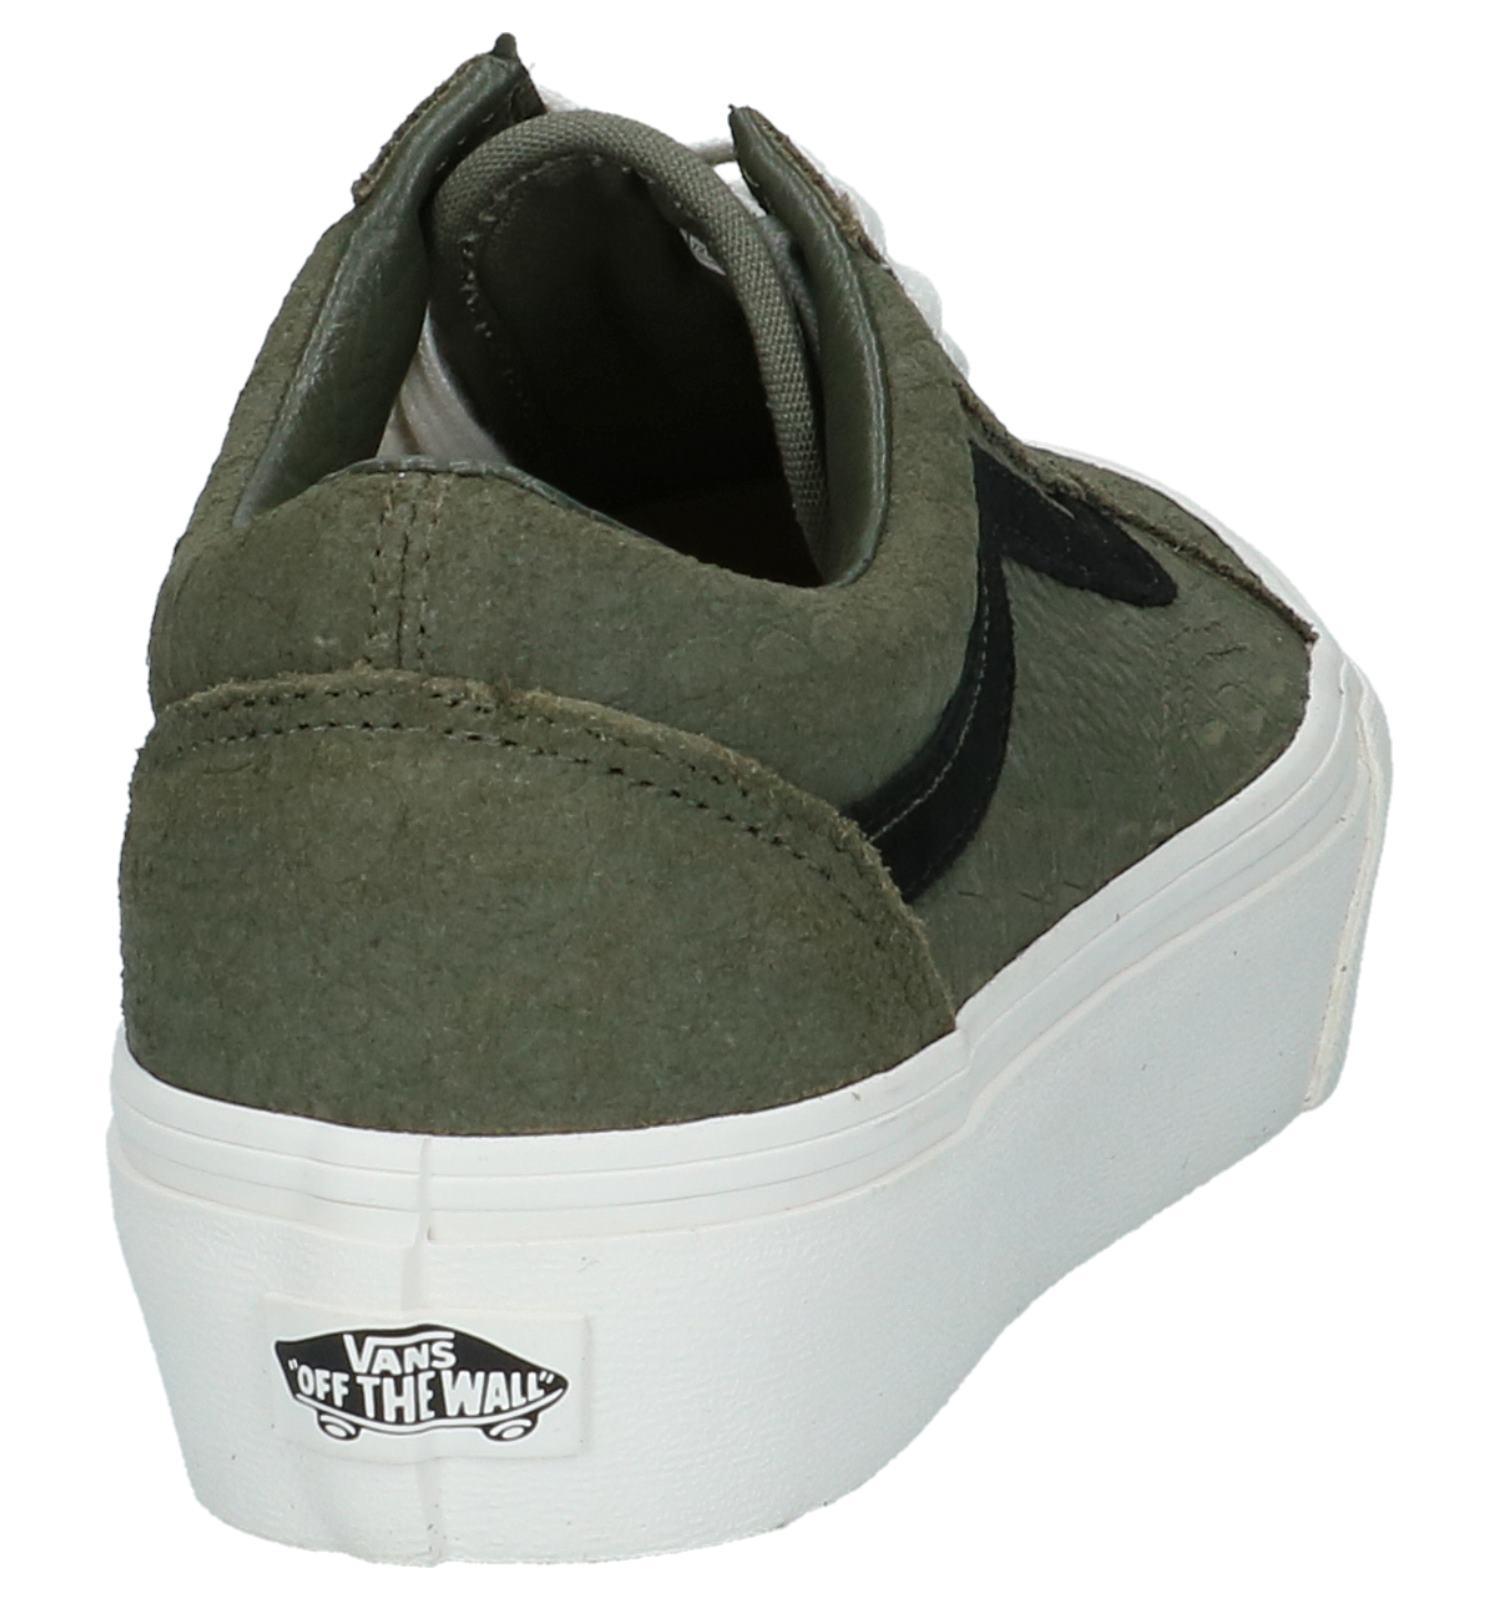 1eabb52ee57 Vans Old Skool Platform Groene Lage Sneakers, Groen, pdp. 360° Vergroten